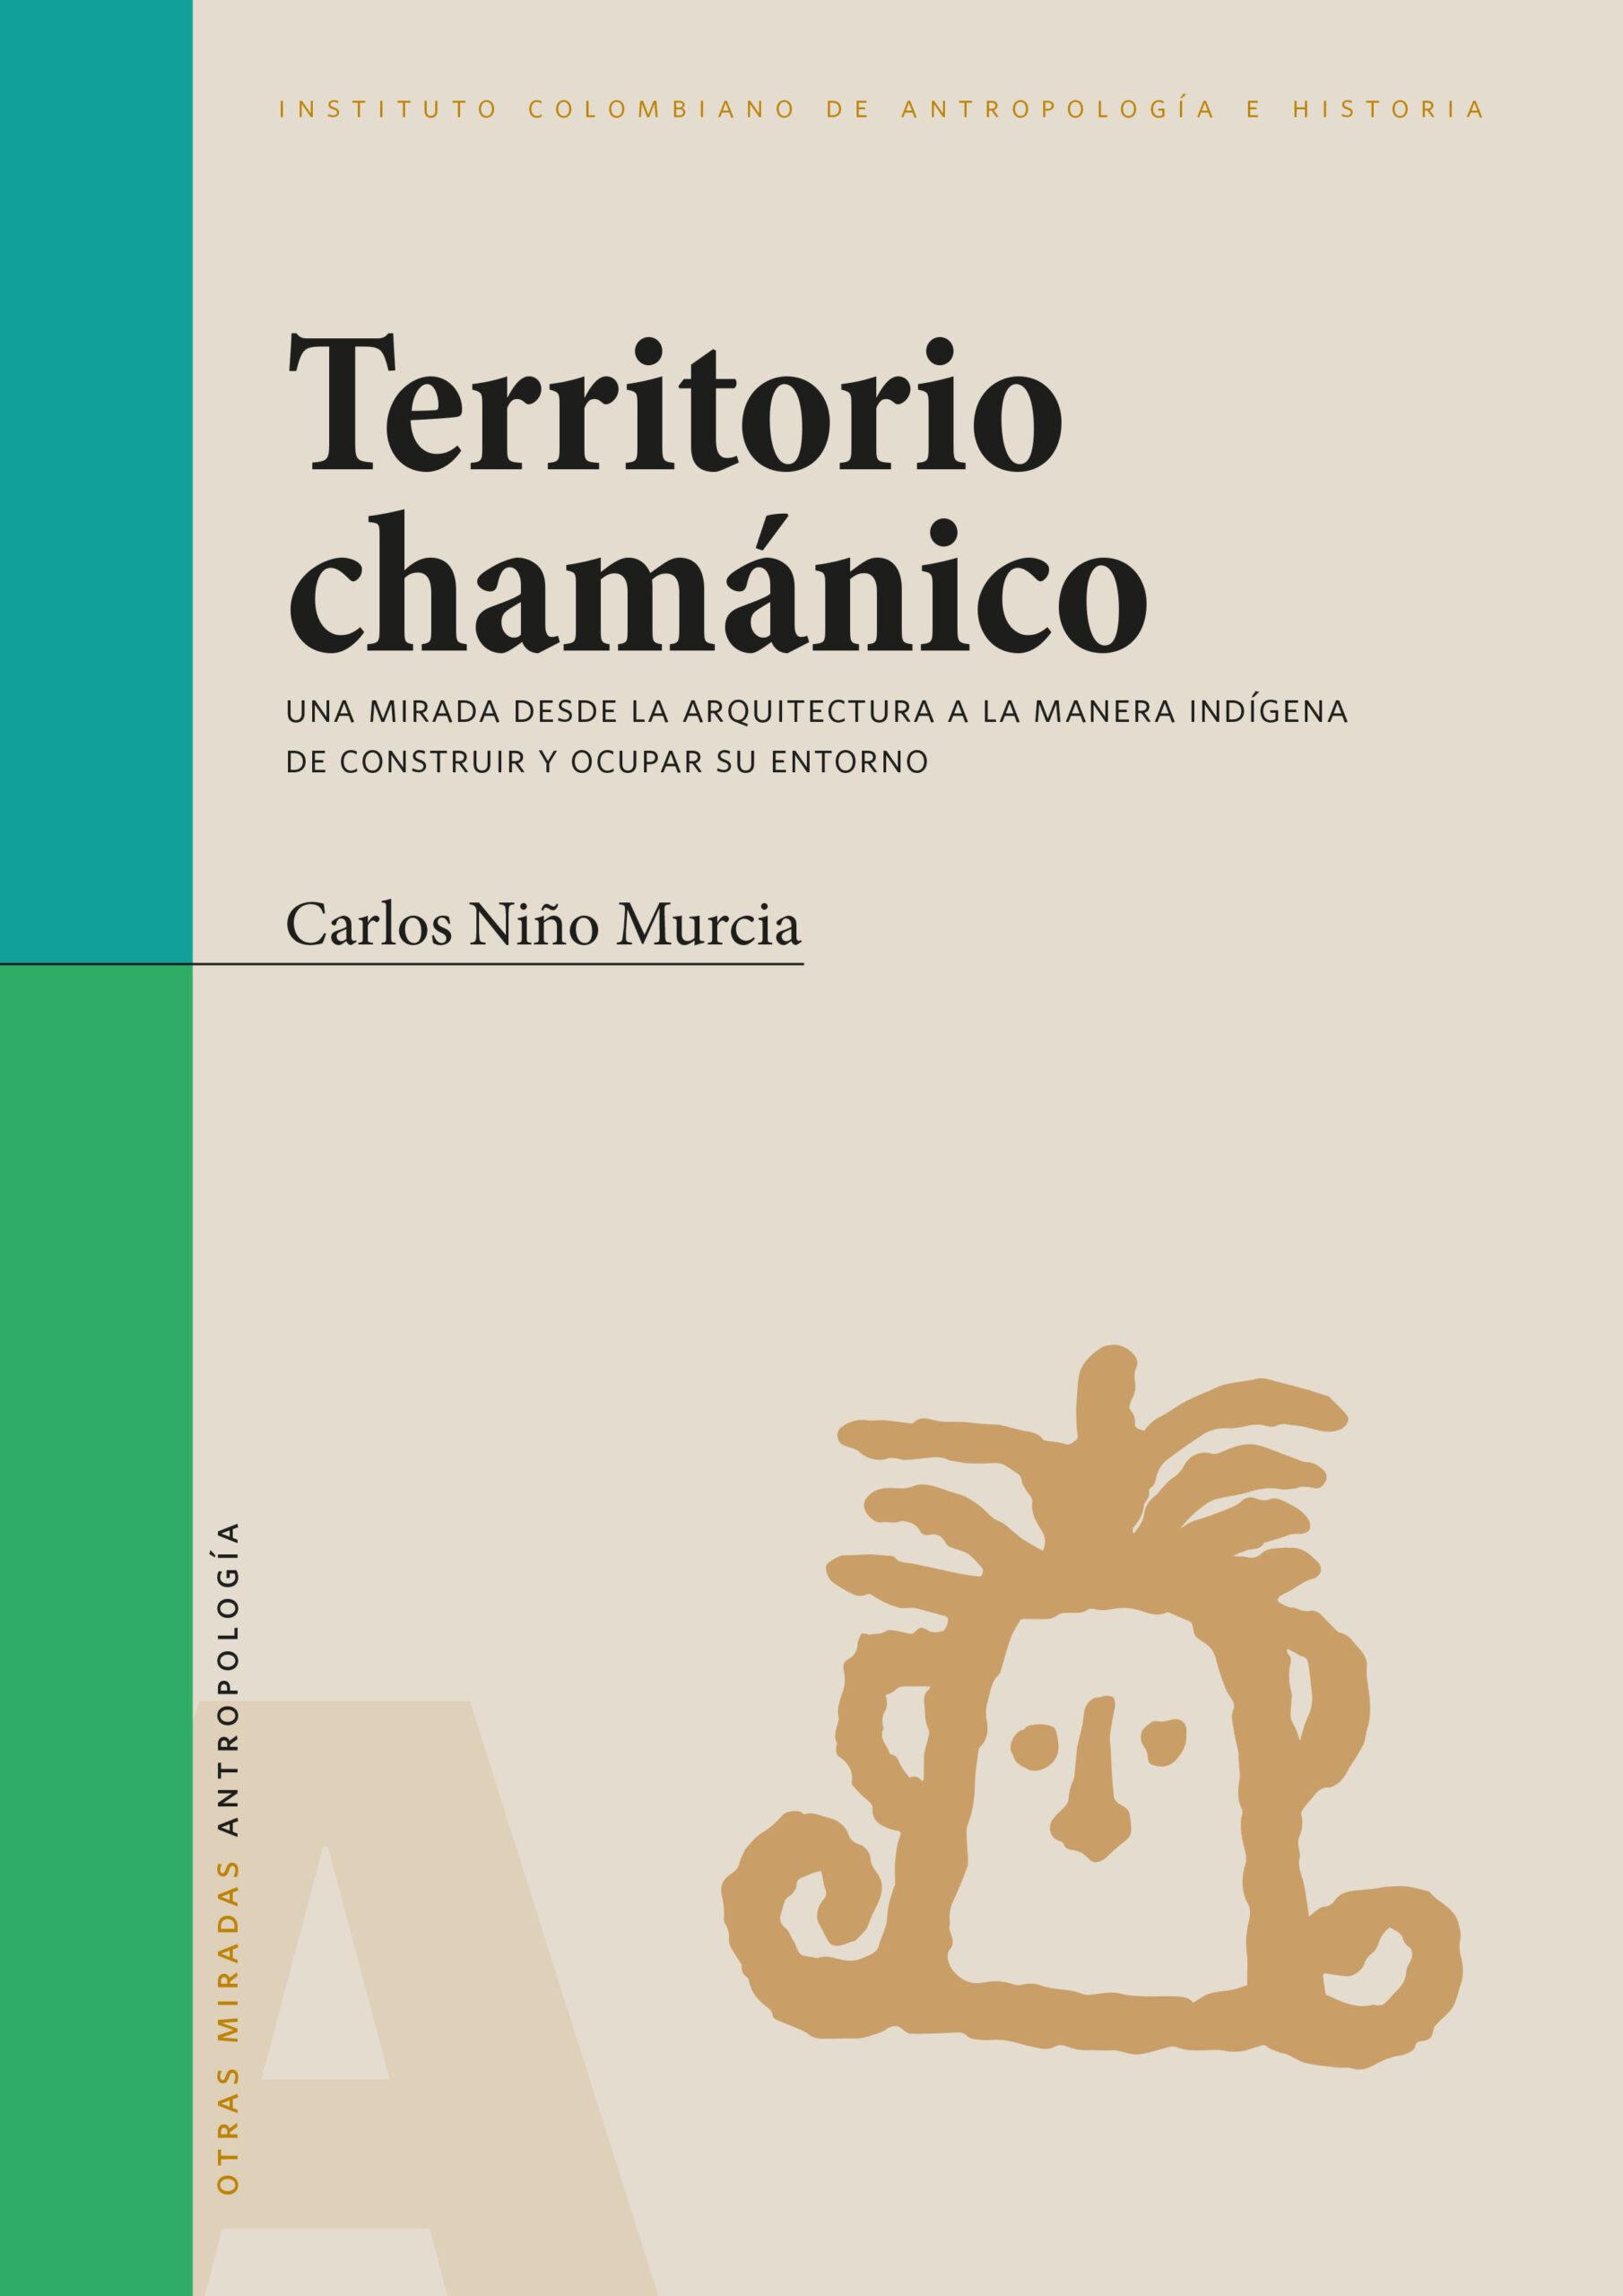 TERRITORIO CHAMÁNICO (UNA MIRADA DESDE LA ARQUITECTURA A LA MANERA INDÍGENA DE CONSTRUIR Y OCUPAR SU ENTORNO)